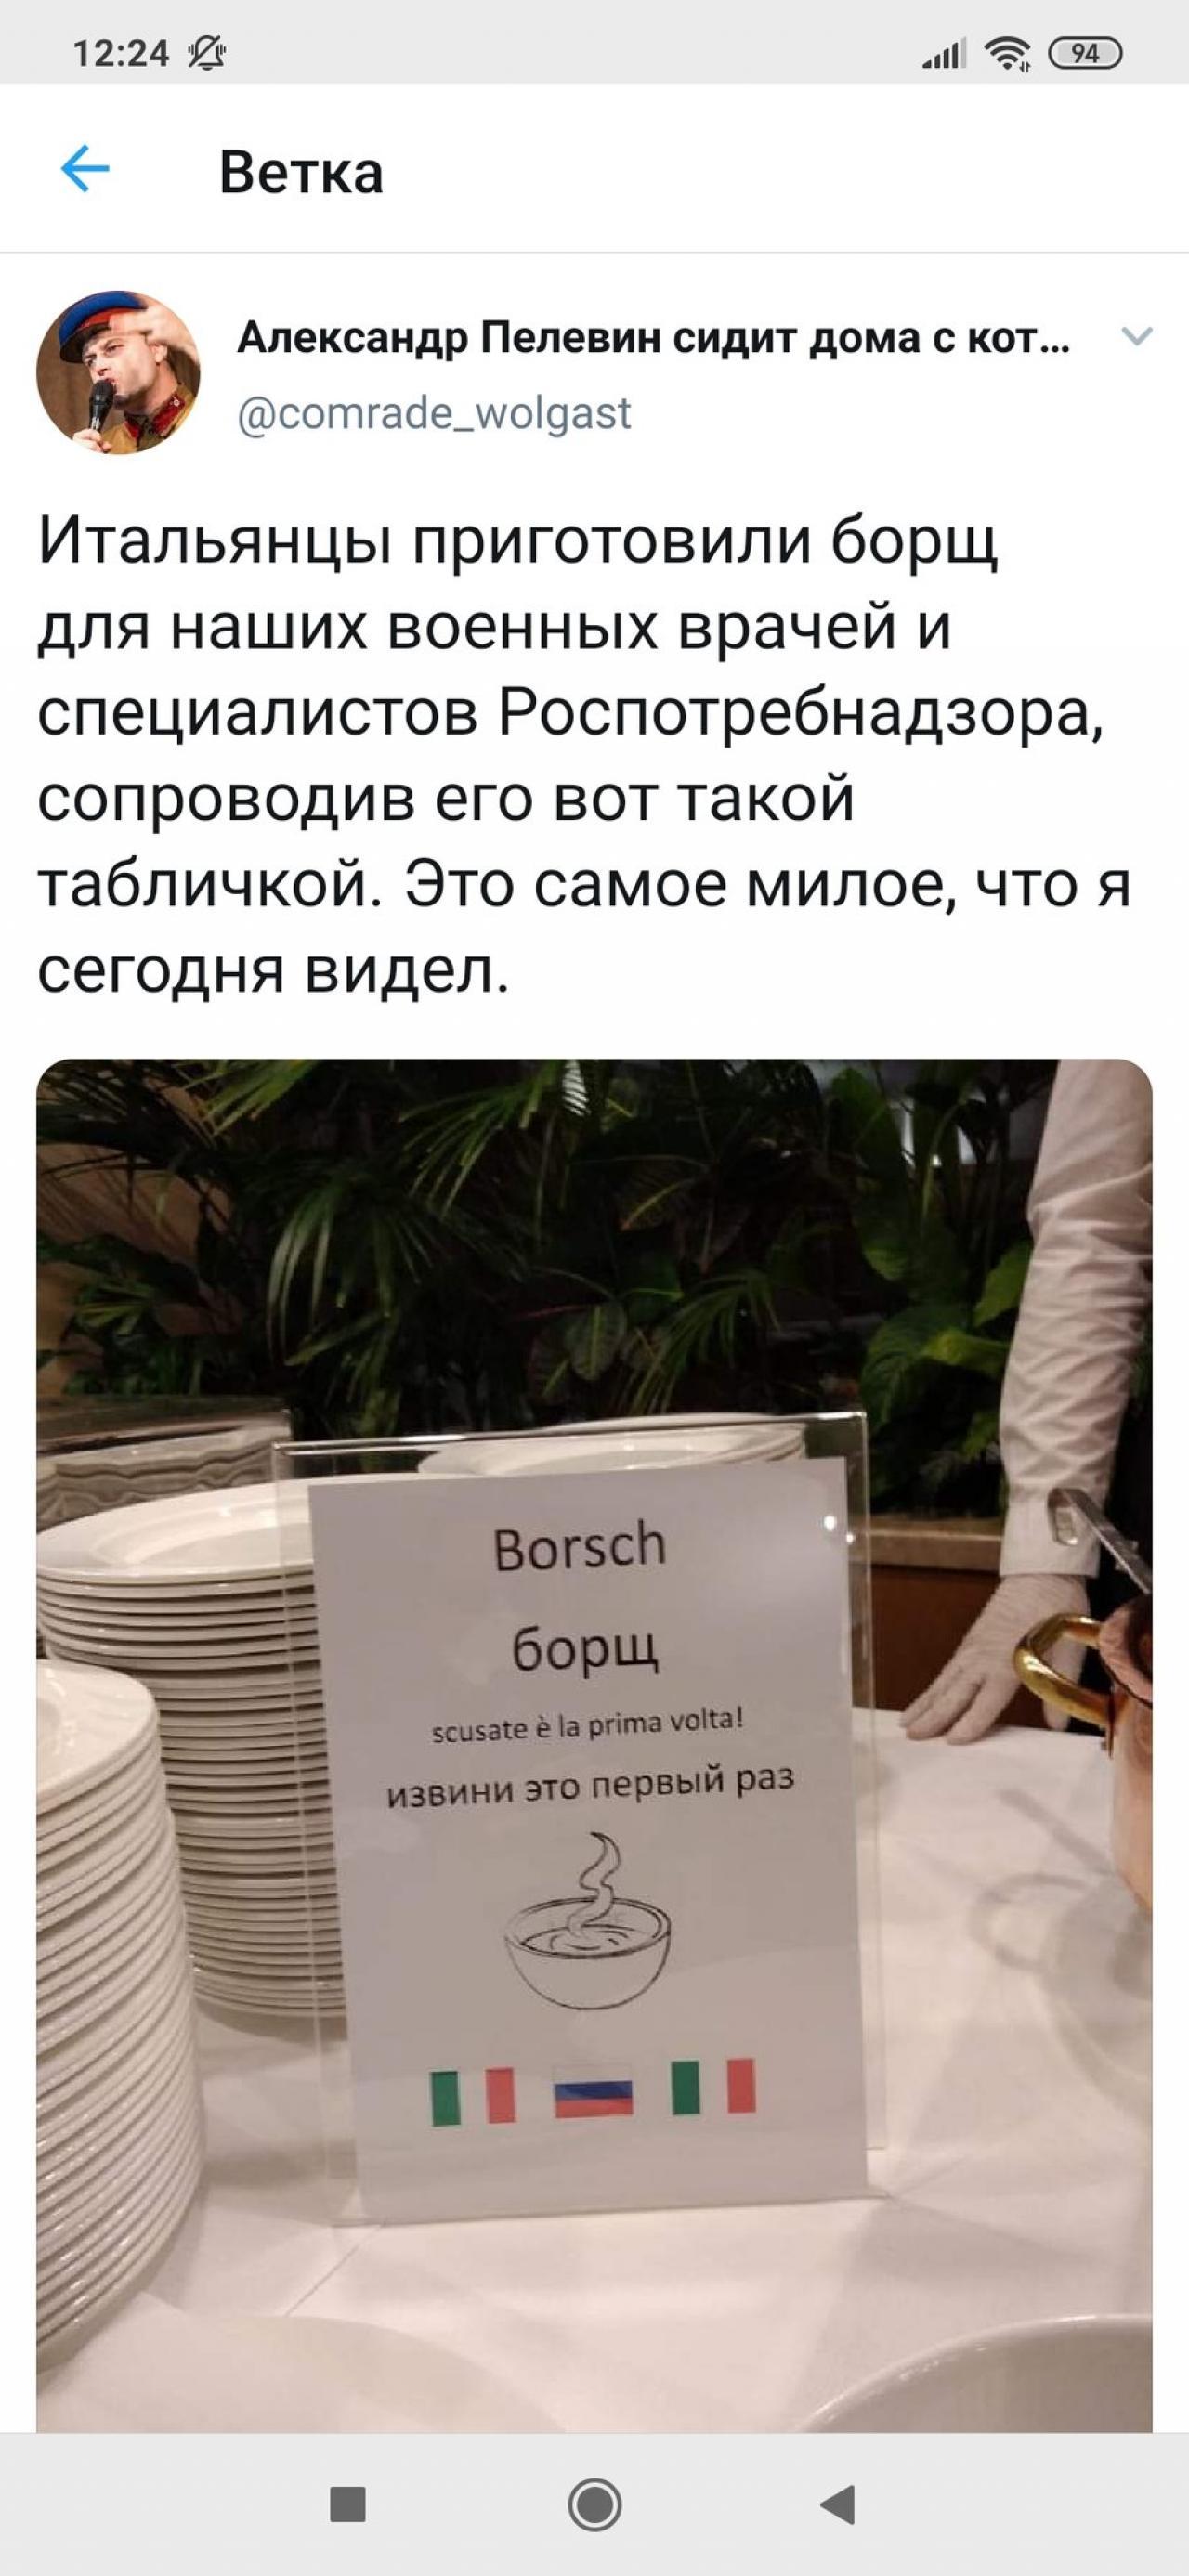 Итальянцы приготовили русский борщ, но это не понравилось украинцам